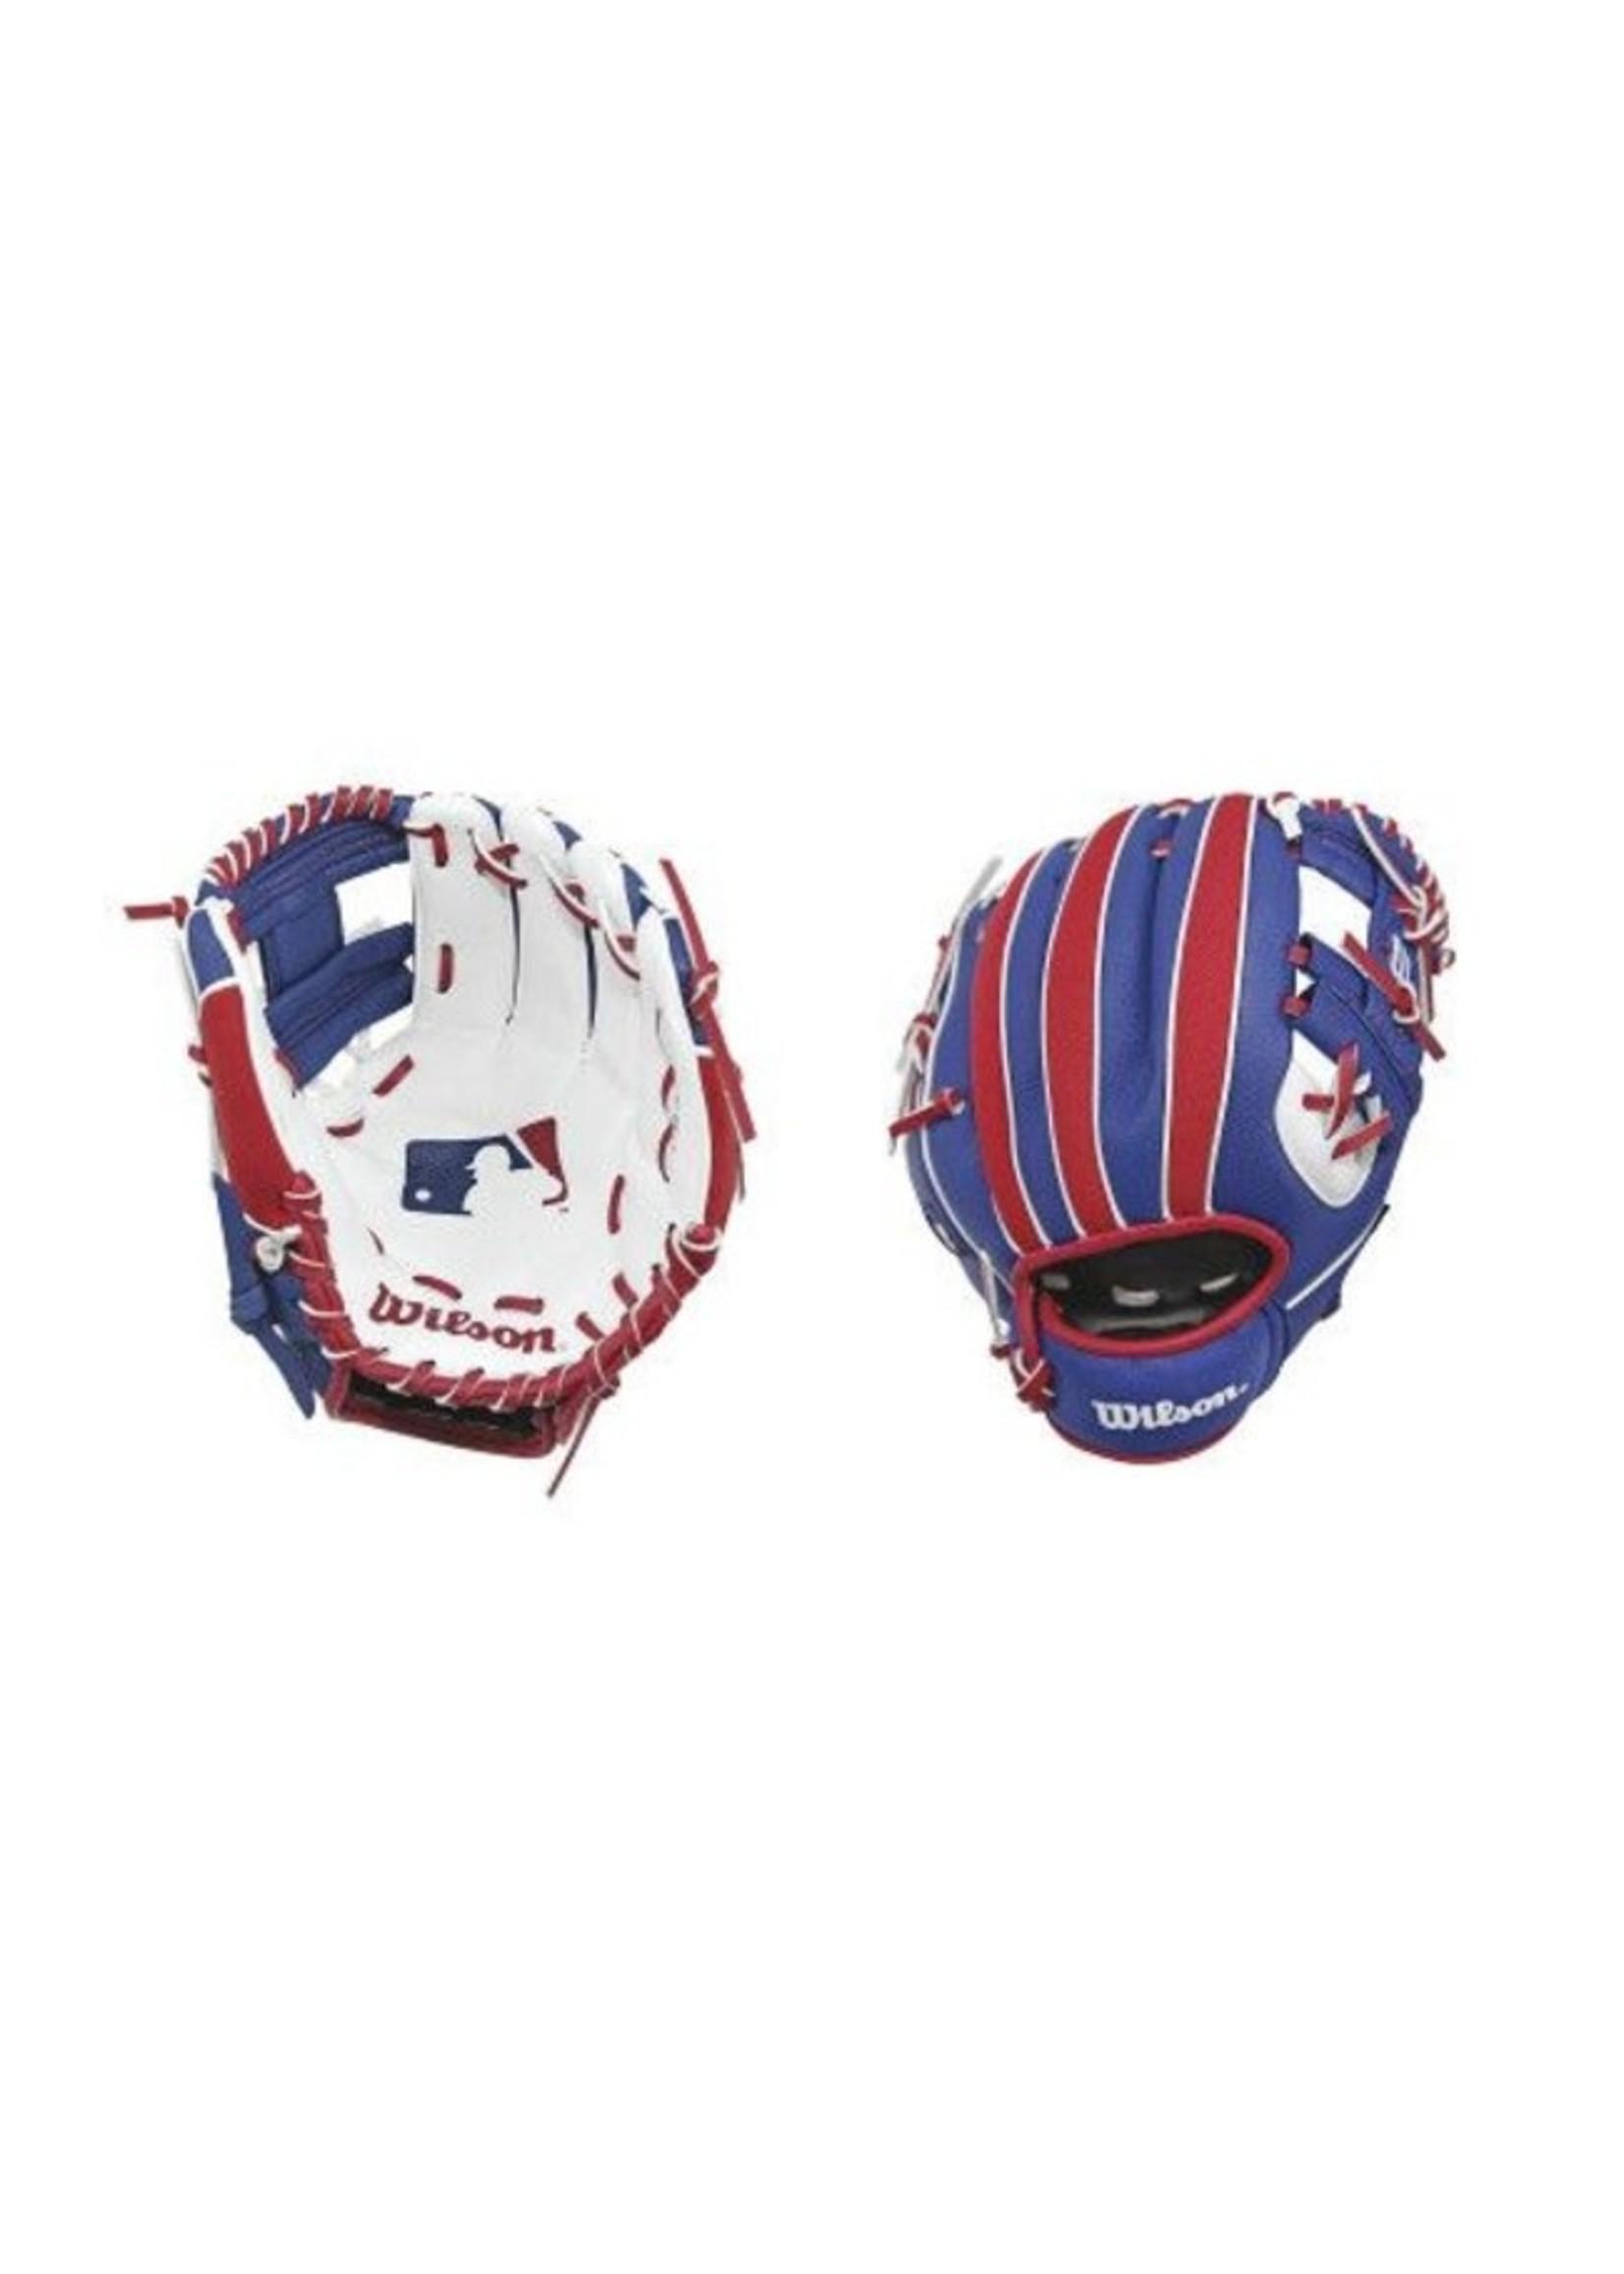 WILSON A200 T-BALL MLB LOGO 10'' YTH GLOVE